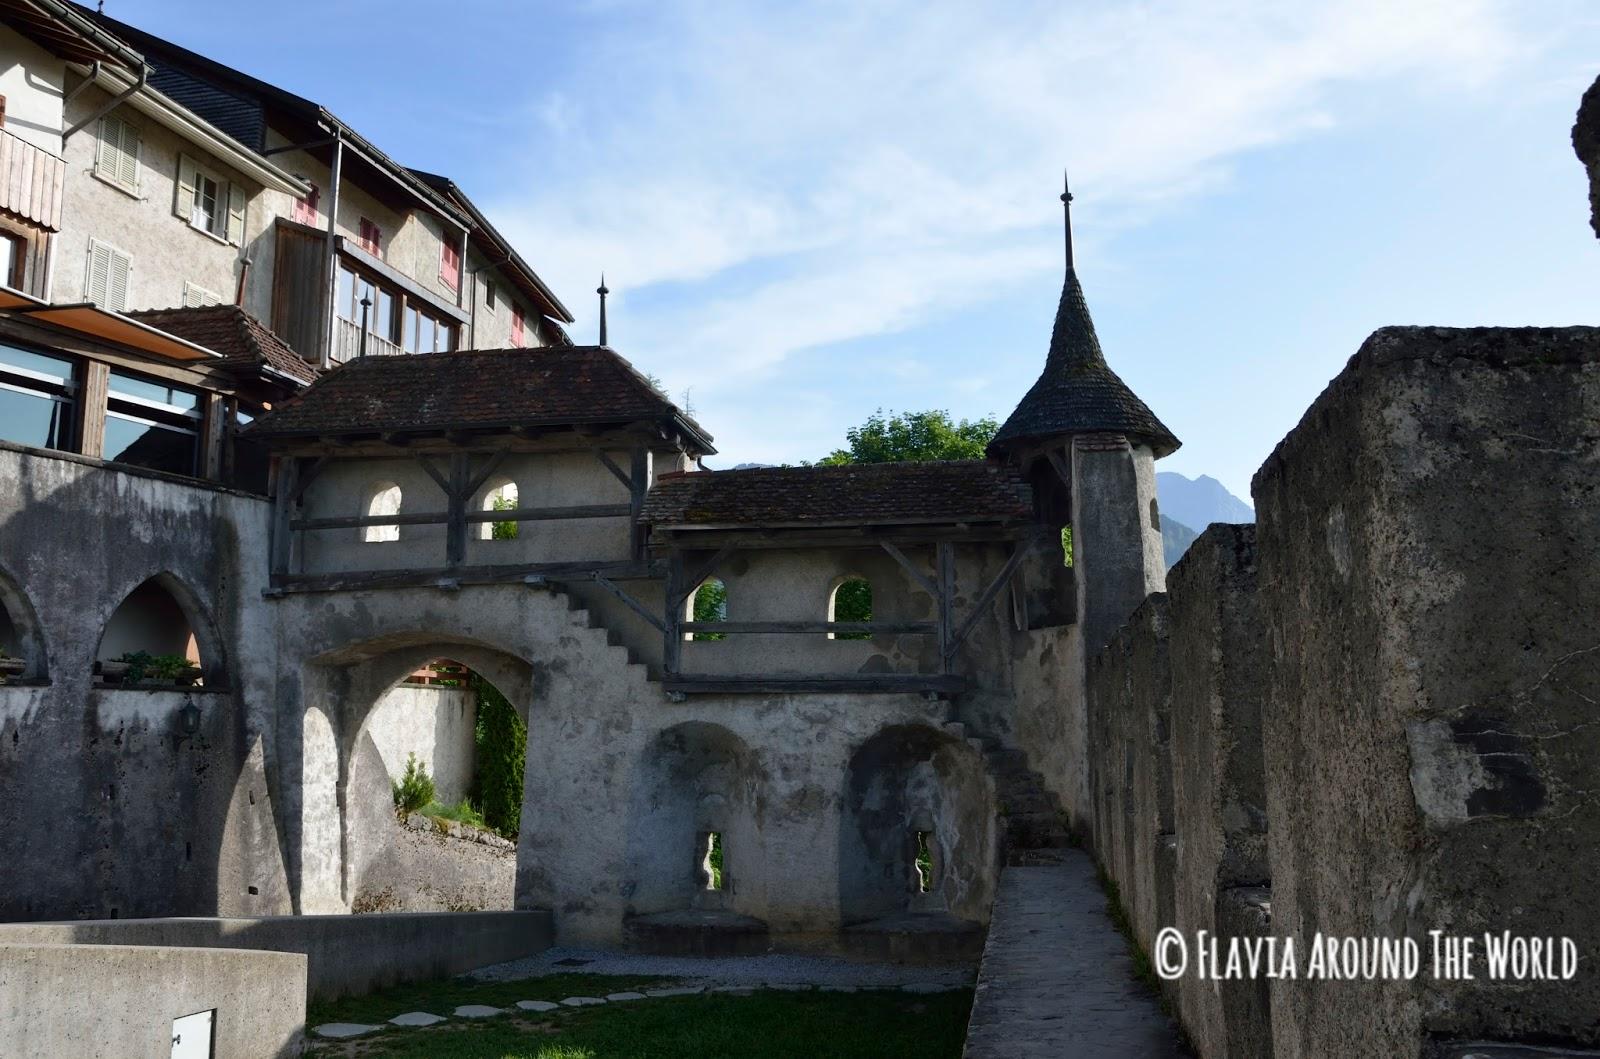 Otra vista de las murallas de Gruyeres